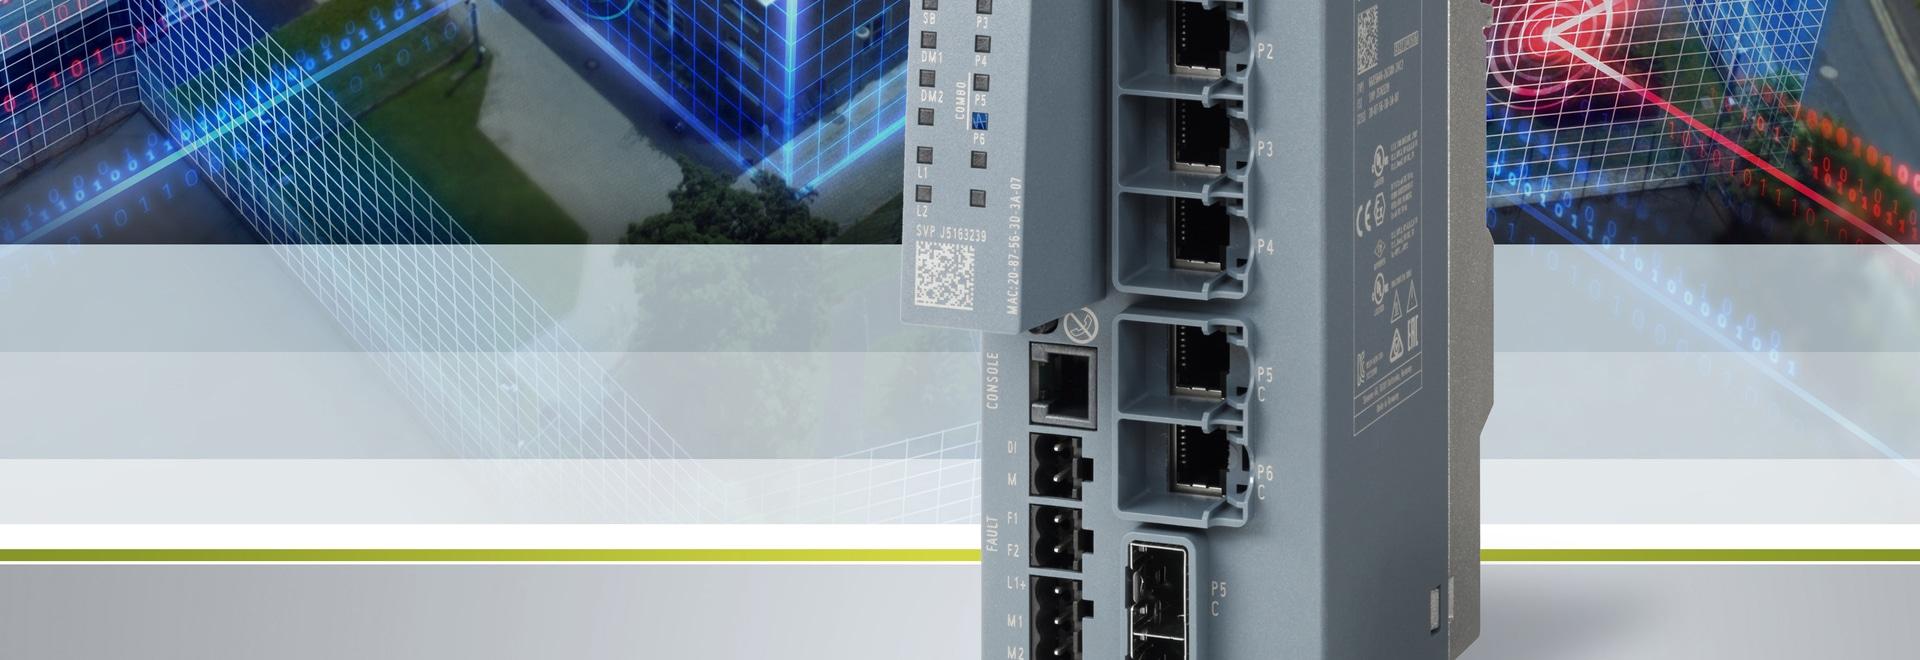 SCALANCE SC-600 : Les appareils de sécurité industrielle offrent la protection contre l'accès non autorisé